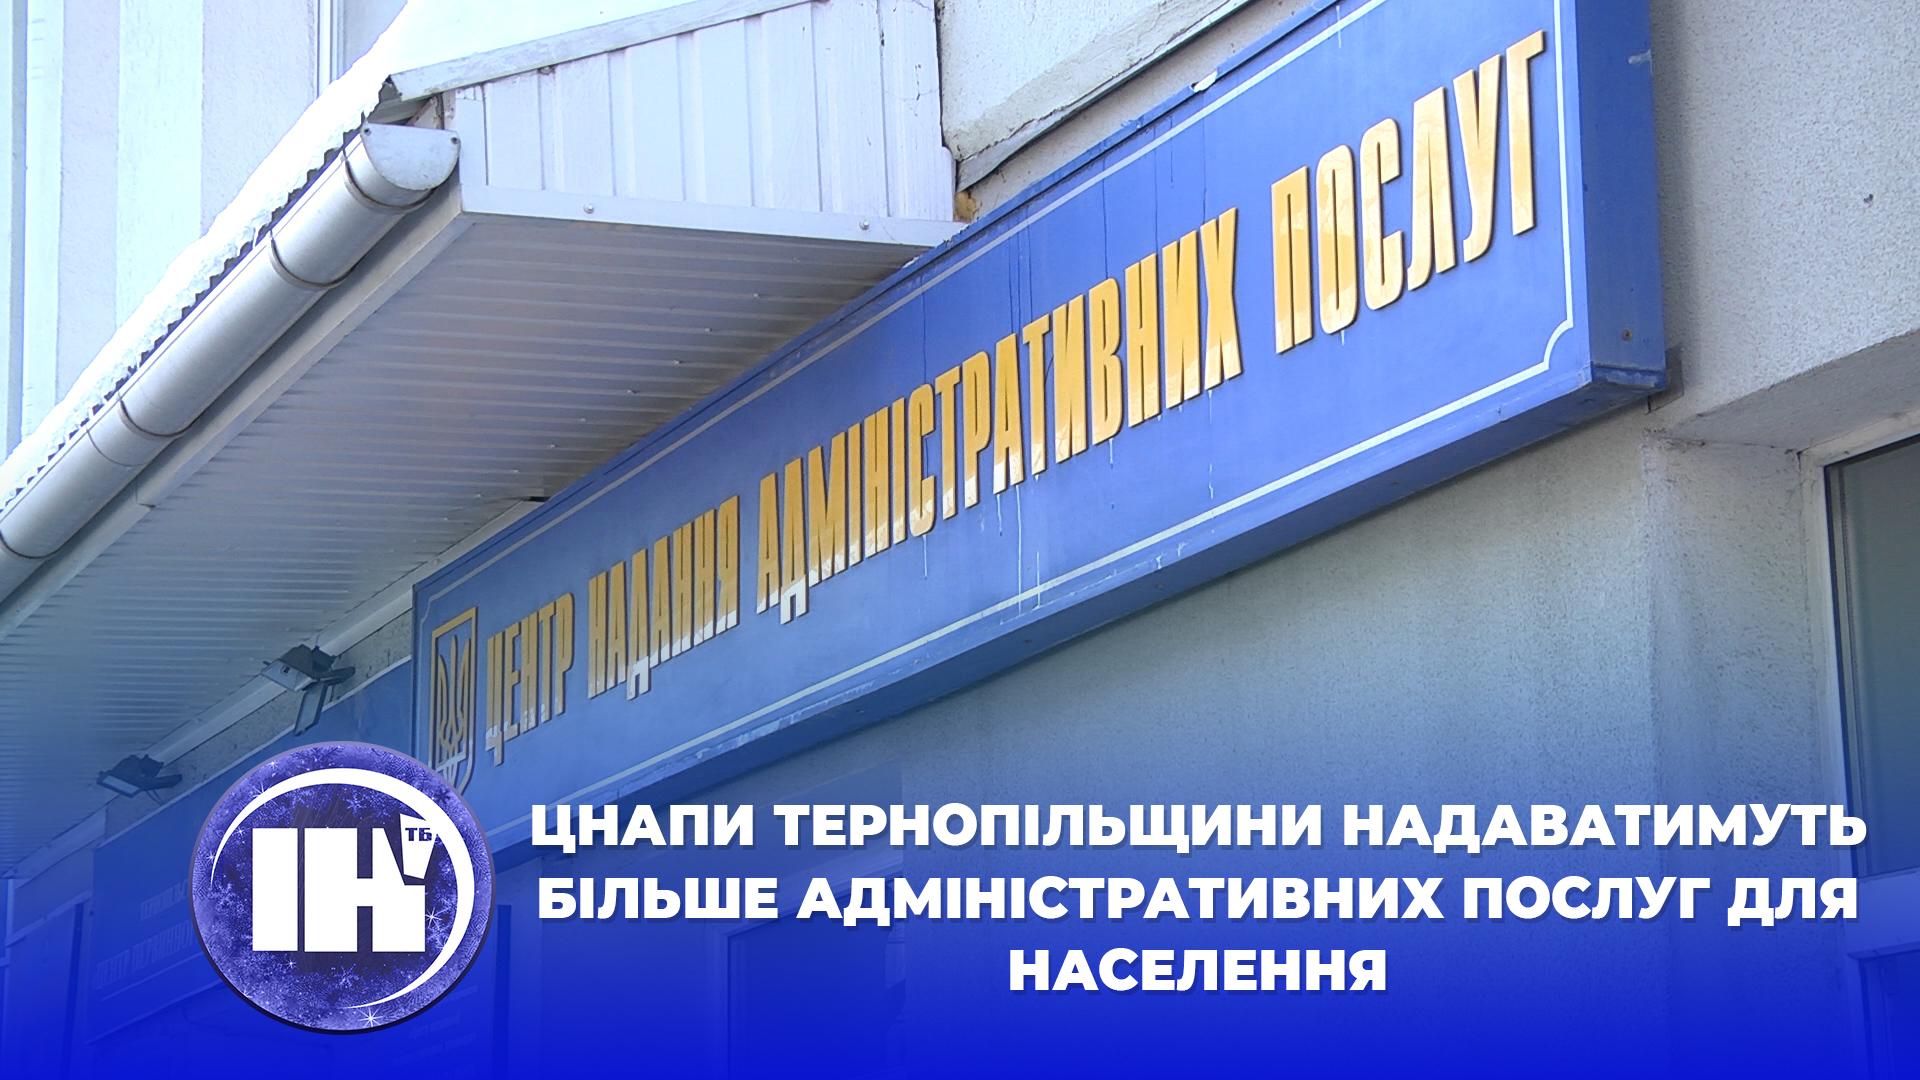 ЦНАПи Тернопільщини надаватимуть більше адміністративних послуг для населення